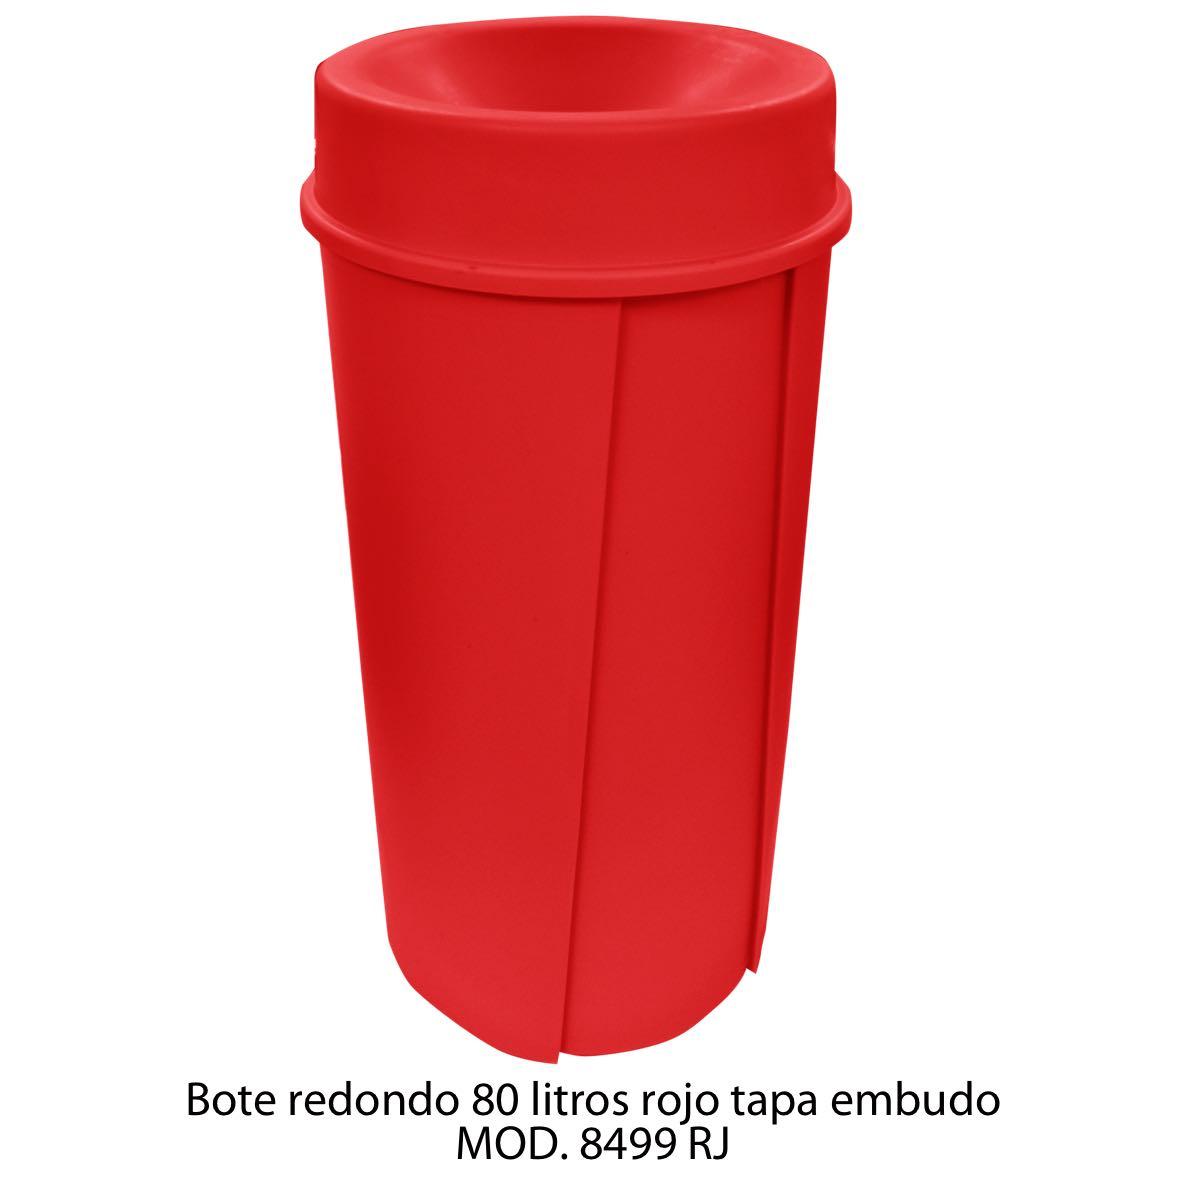 Bote de basura redondo de 80 litros con tapa embudo color rojo modelo 8499 RJ Sablón